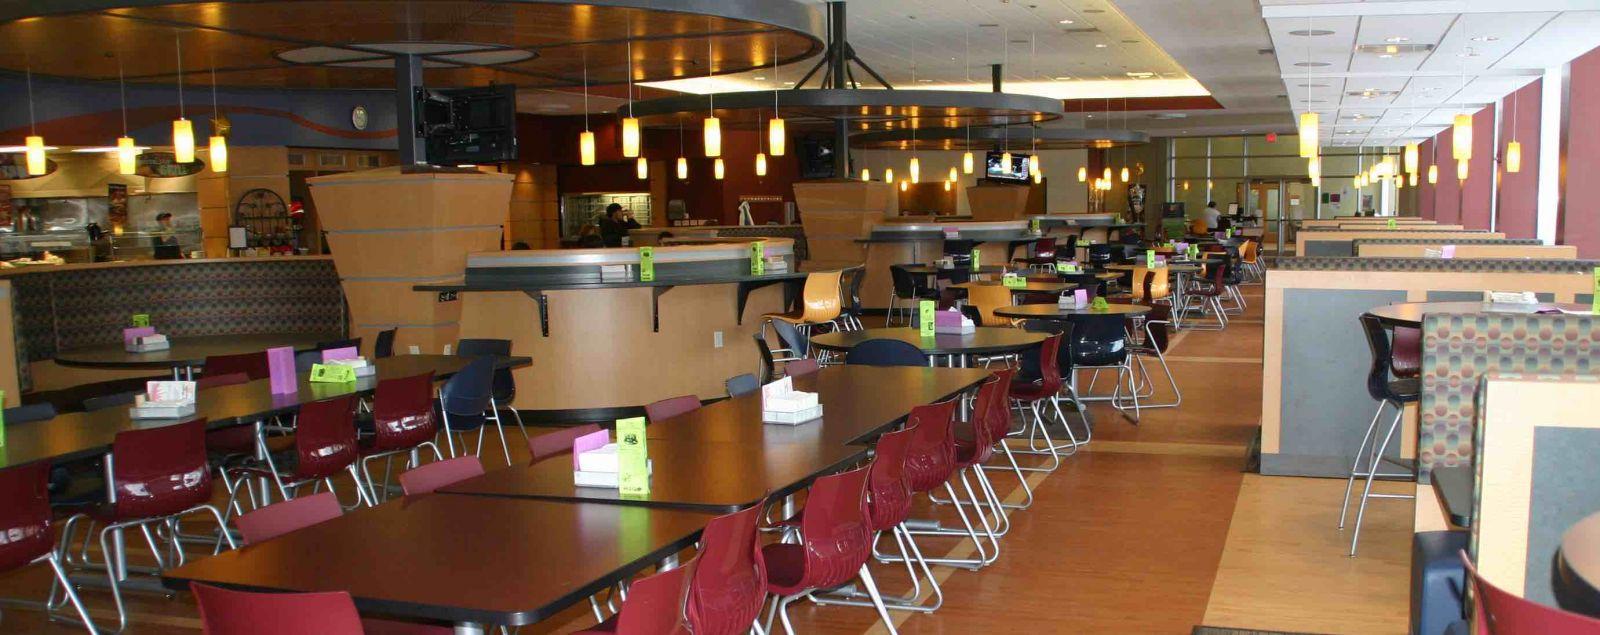 Morningside Dining Hall